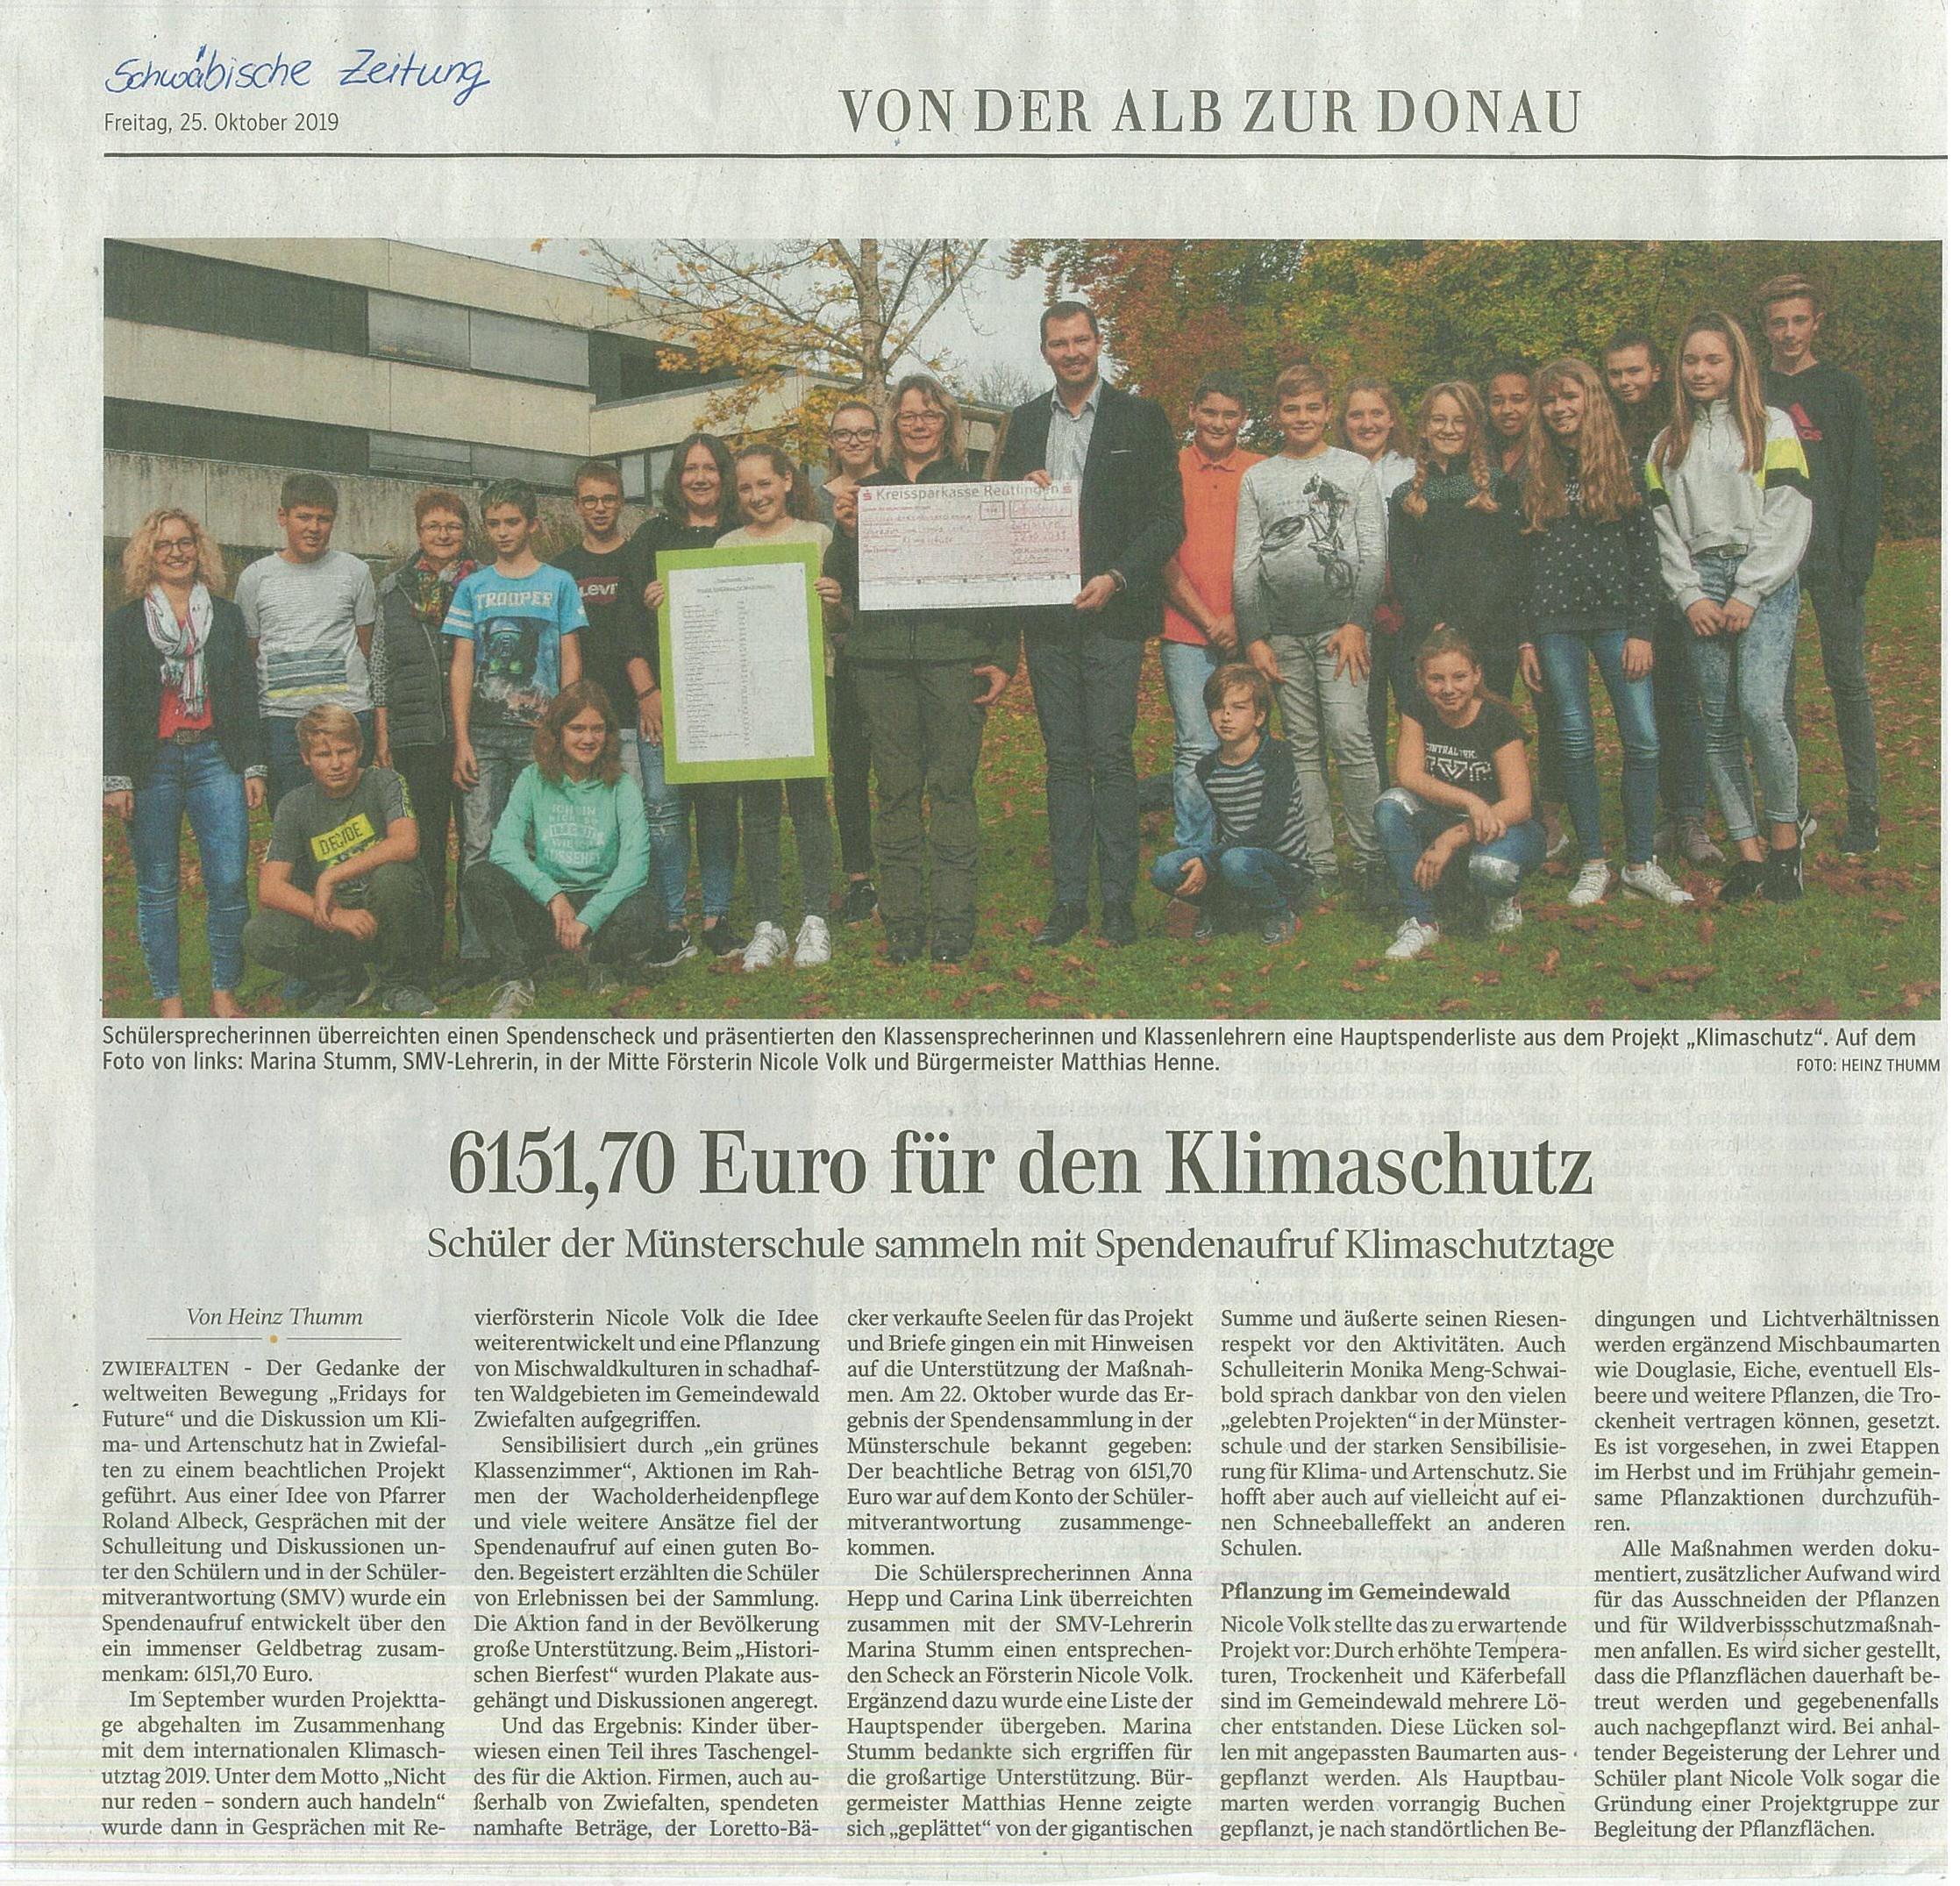 19_Schwaebische_Zeitung_25.10.2019_Klima